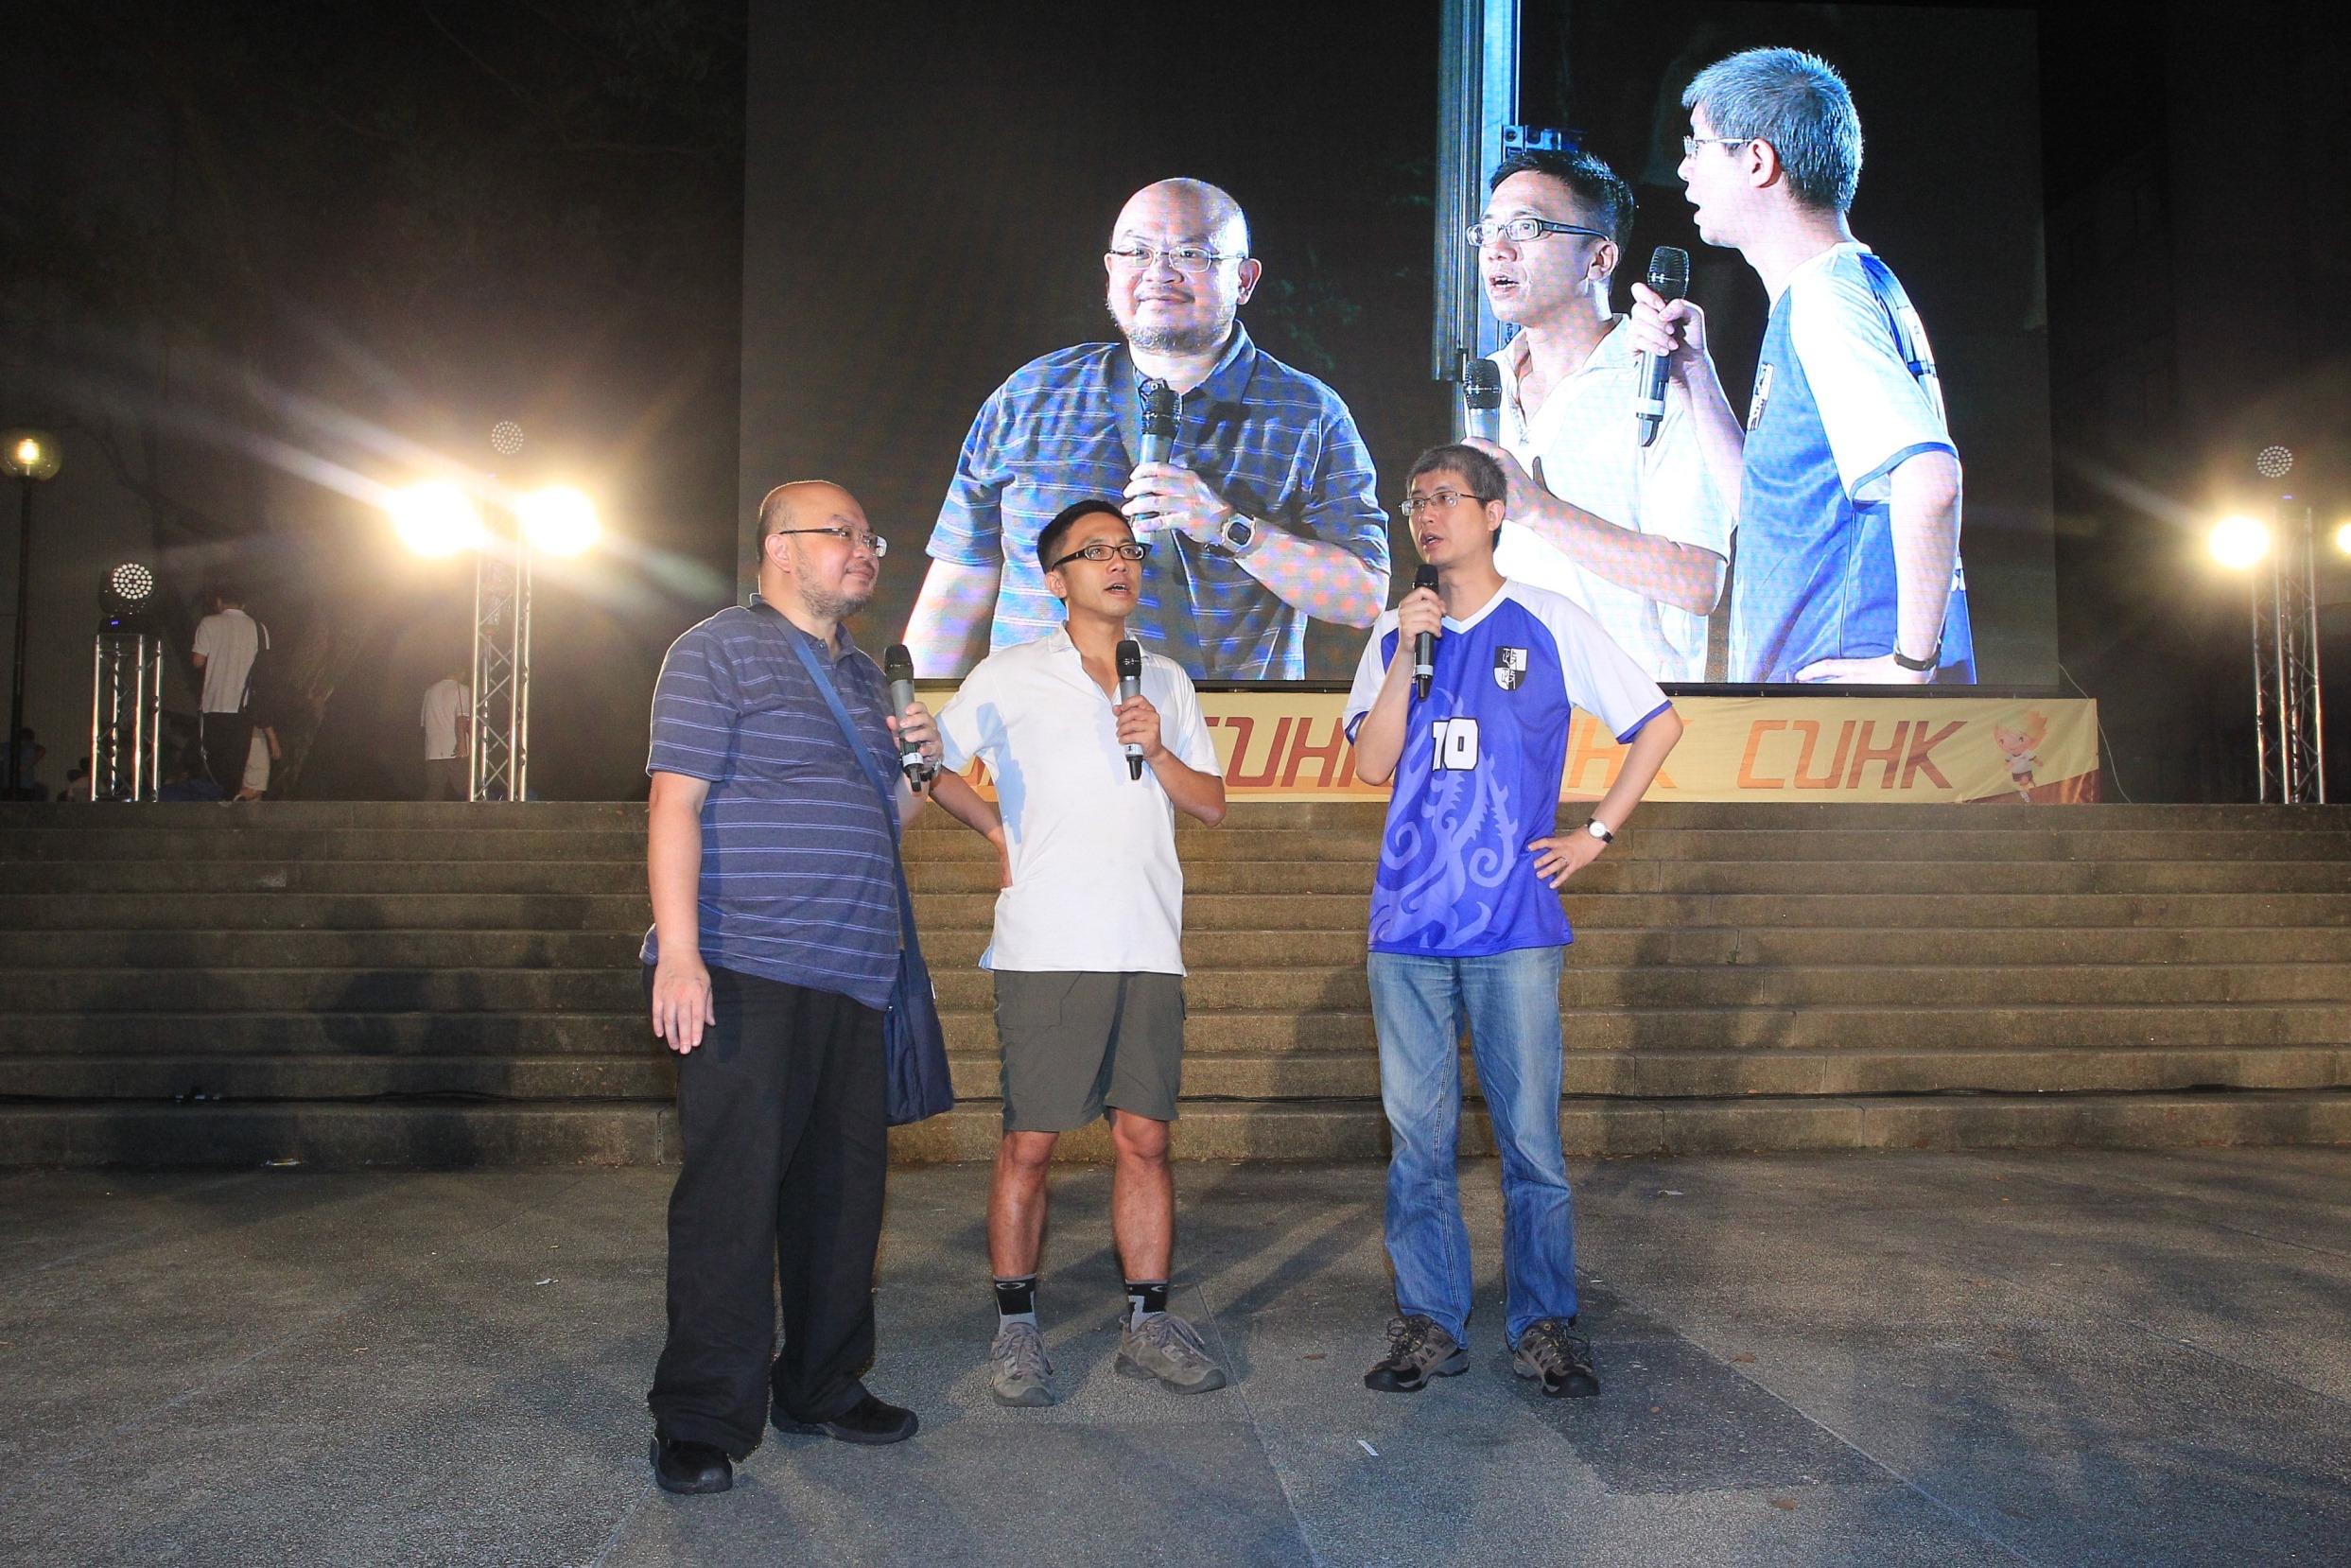 大会司仪区家麟先生(中)及客串足球评述员的蔡子强先生(左)和马岳教授。